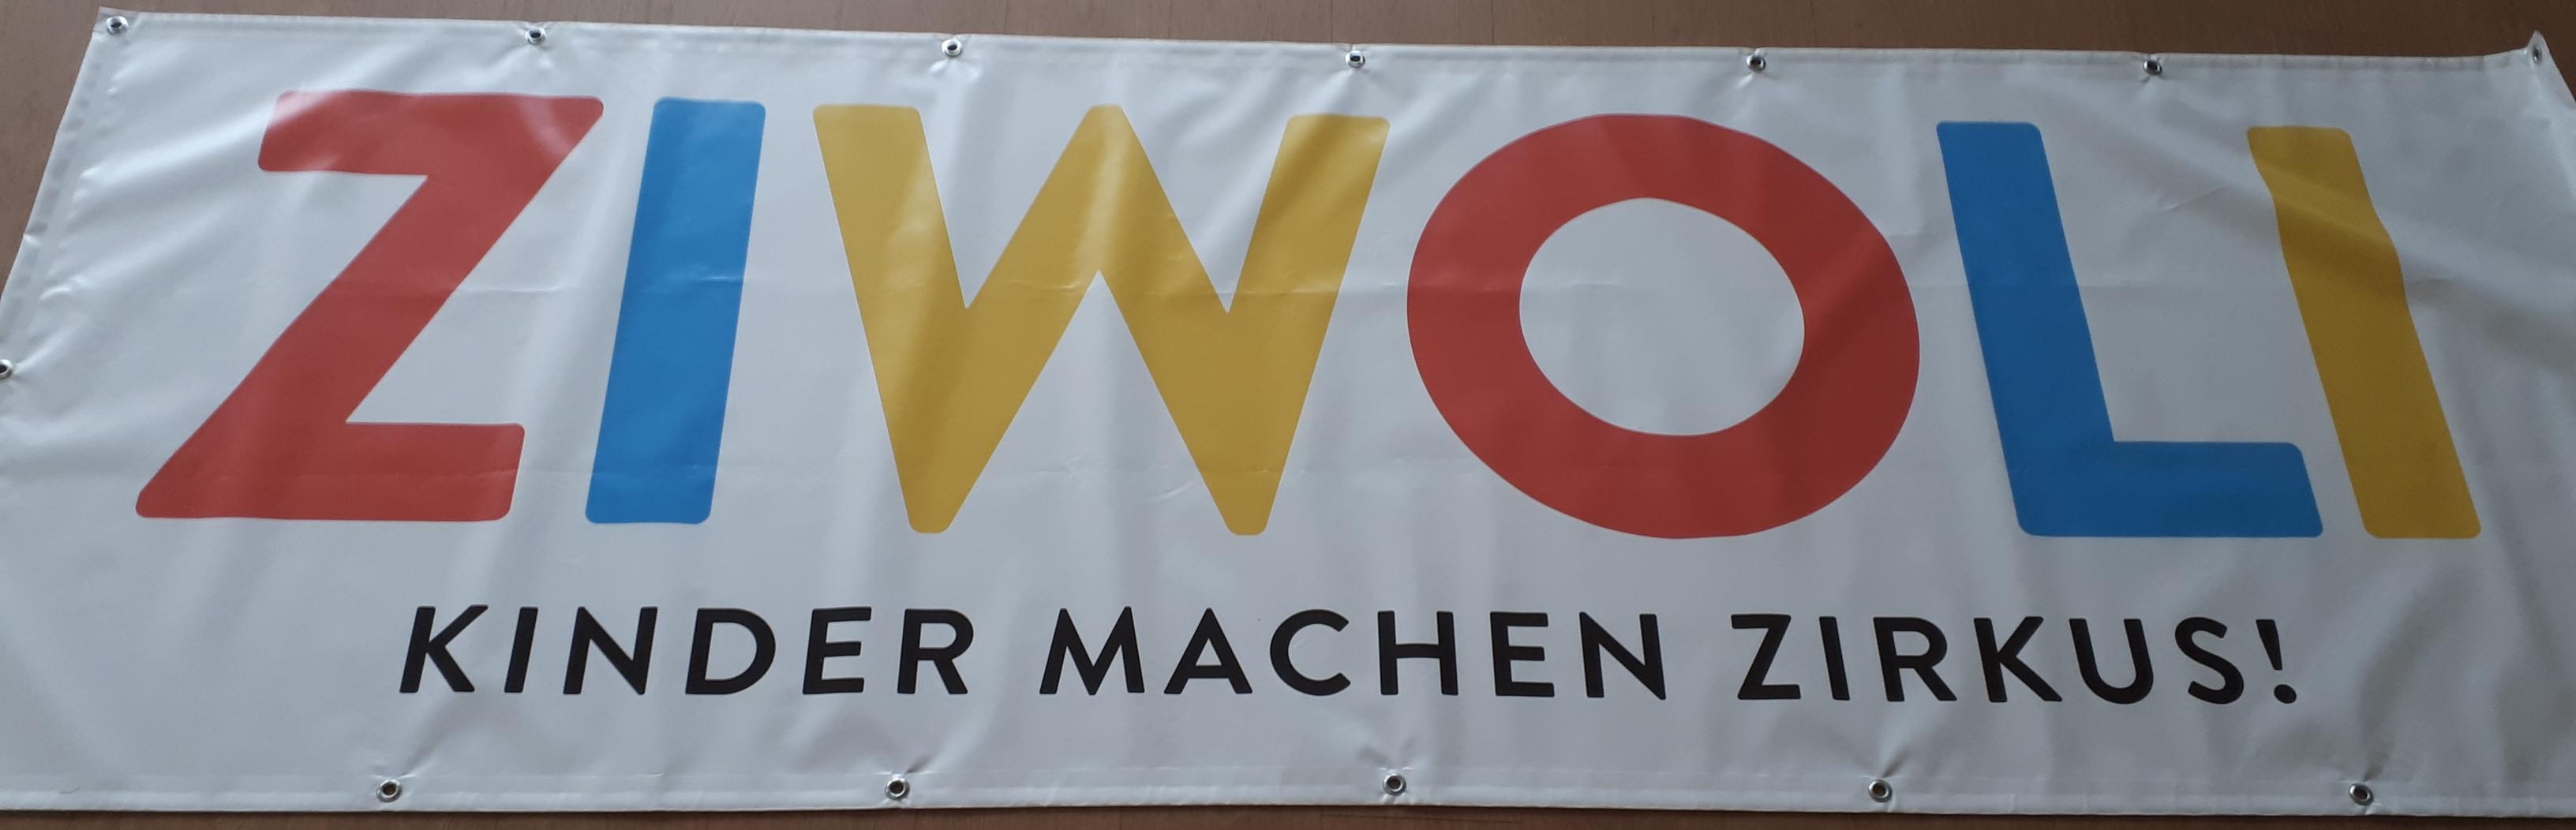 ZIWOLI- Rodaun und Mauer sind noch 5 bzw. 3 Plätze frei-der neue ZIWOLI-Banner ist da!